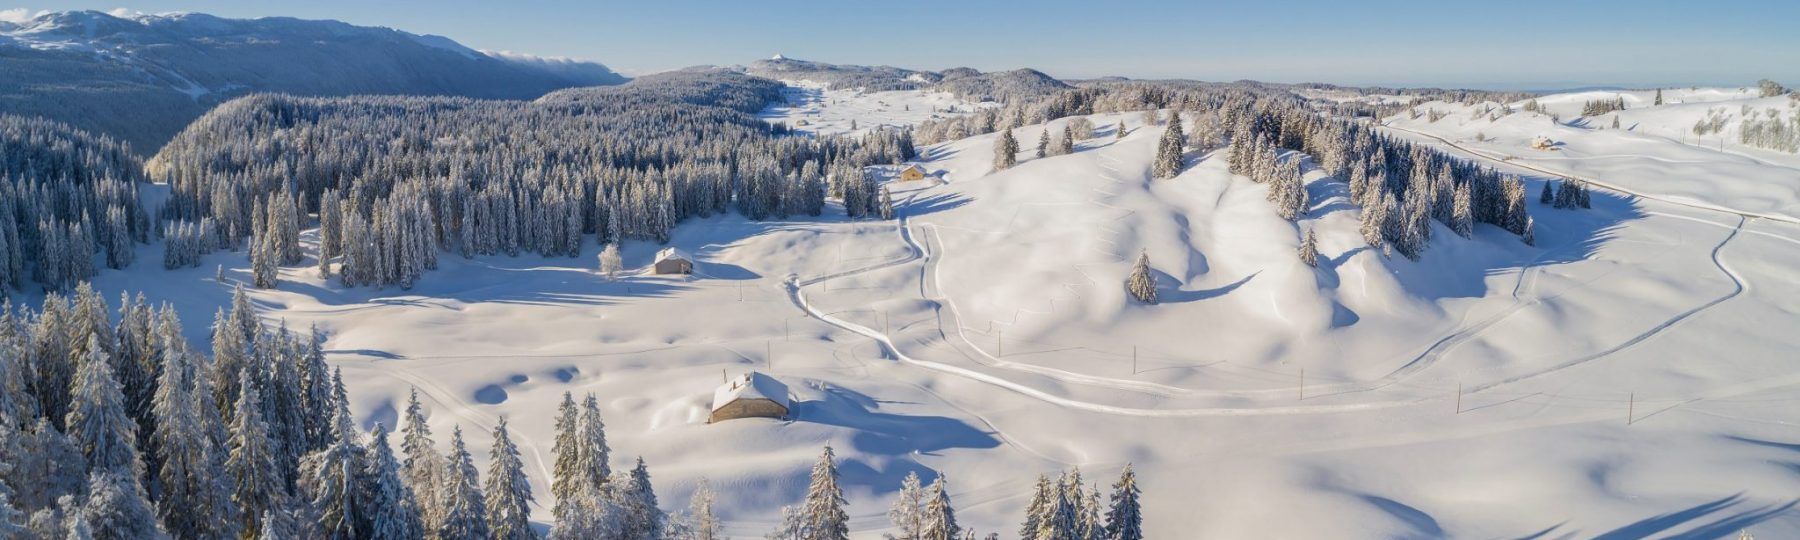 Vue drone des Hautes-Combes en hiver © Stéphane Godin/Jura Tourisme